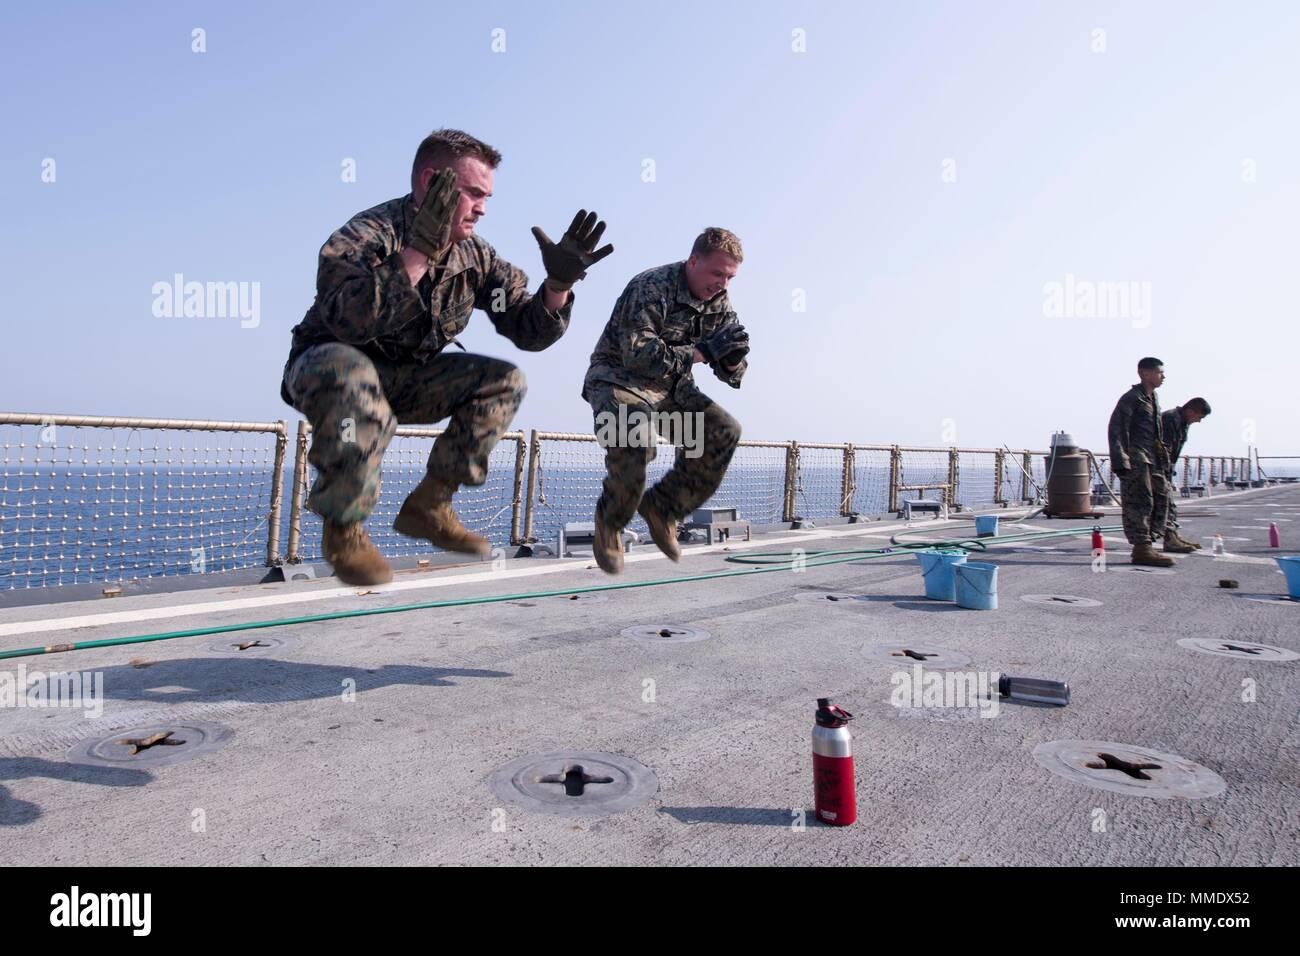 171019-N-UK248-047 5ª Flota de EE.UU. ZONA DE OPERACIONES (Oct. 19, 2017) Marine Cpl. Andrew Pittman, de izquierda, de color gris, Ga., y Lance Cpl. Chris Watkins, de Berea, Ky., ambos asignados a la 15ª Unidad Expedicionaria de los Infantes de Marina (15 MEU) a bordo de la nave de aterrizaje dock anfibio USS Pearl Harbor (LSD 52), participar en el Marine Corps Martial Arts Program (MCMAP) de entrenamiento de circuito en la cubierta de vuelo del buque. Pearl Harbor es parte de la América Amphibious Ready Group (ARG) y, con la 15ª MEU, embarcado está desplegado en apoyo de operaciones de seguridad marítima y seguridad teatro en los esfuerzos de cooperación en U Imagen De Stock